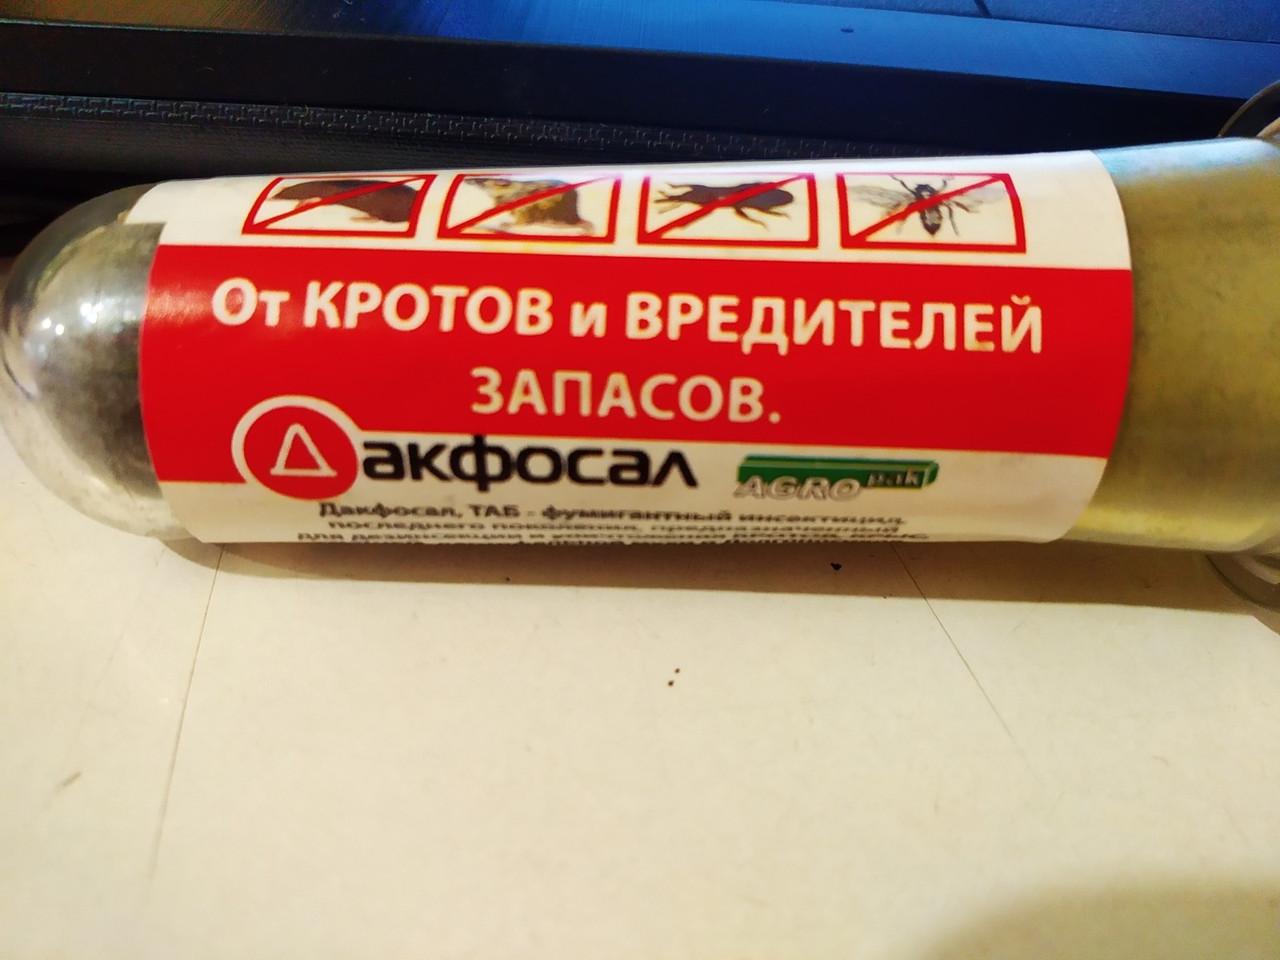 Фумигантный инсектицид для дезинсекции уничтожения кротов, крыс, долгоносиков Дакфосал 3 таблетки Польша